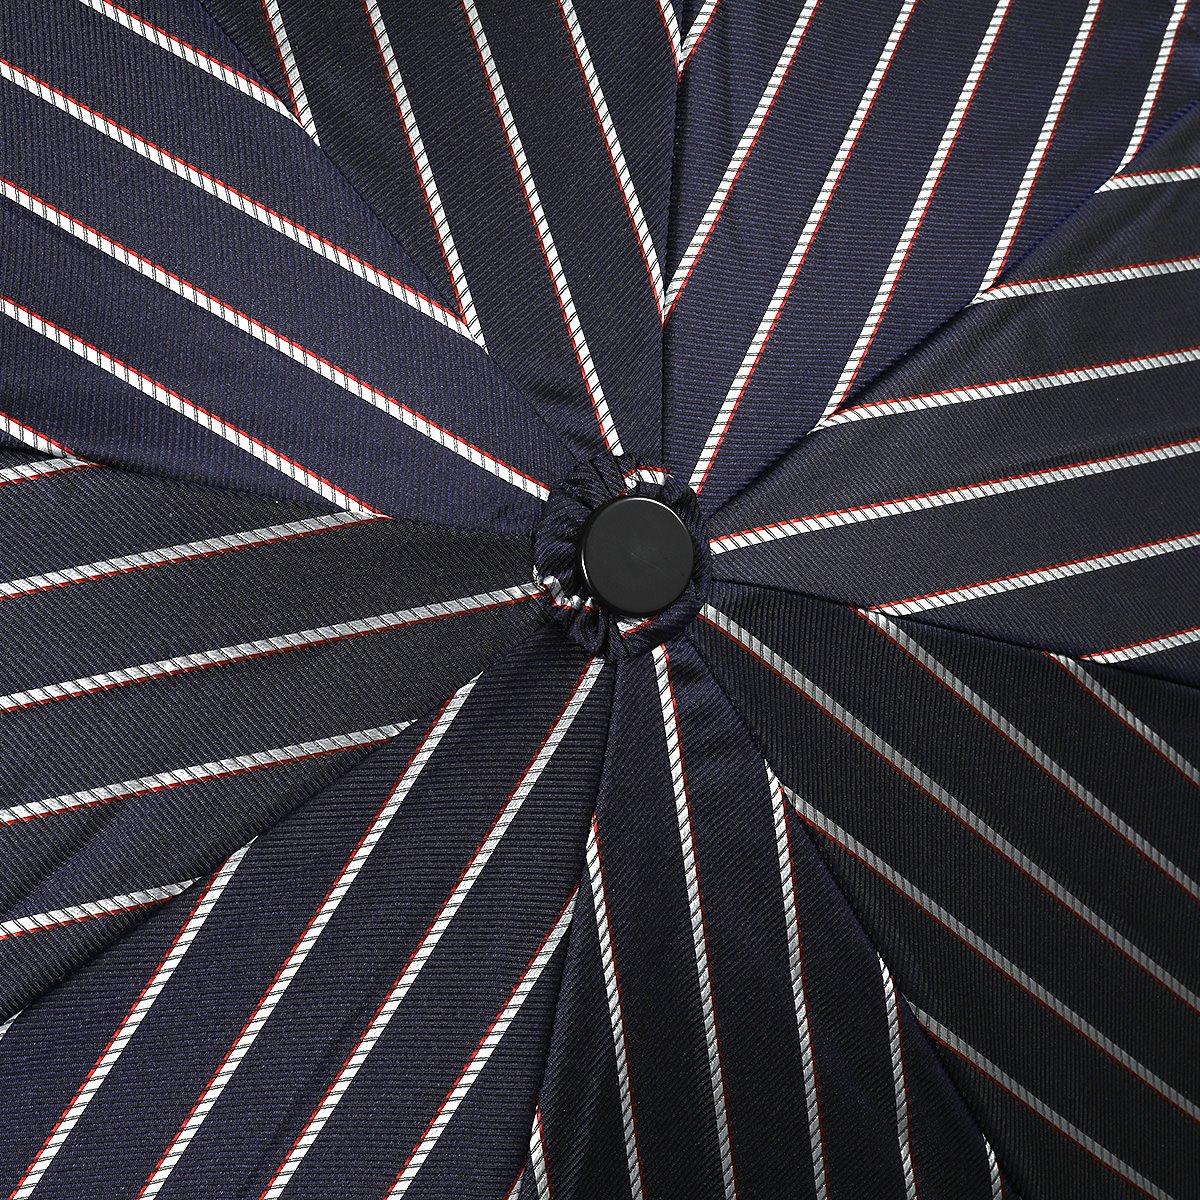 レイン ストライプ 耐風骨 折りたたみ傘 詳細画像5